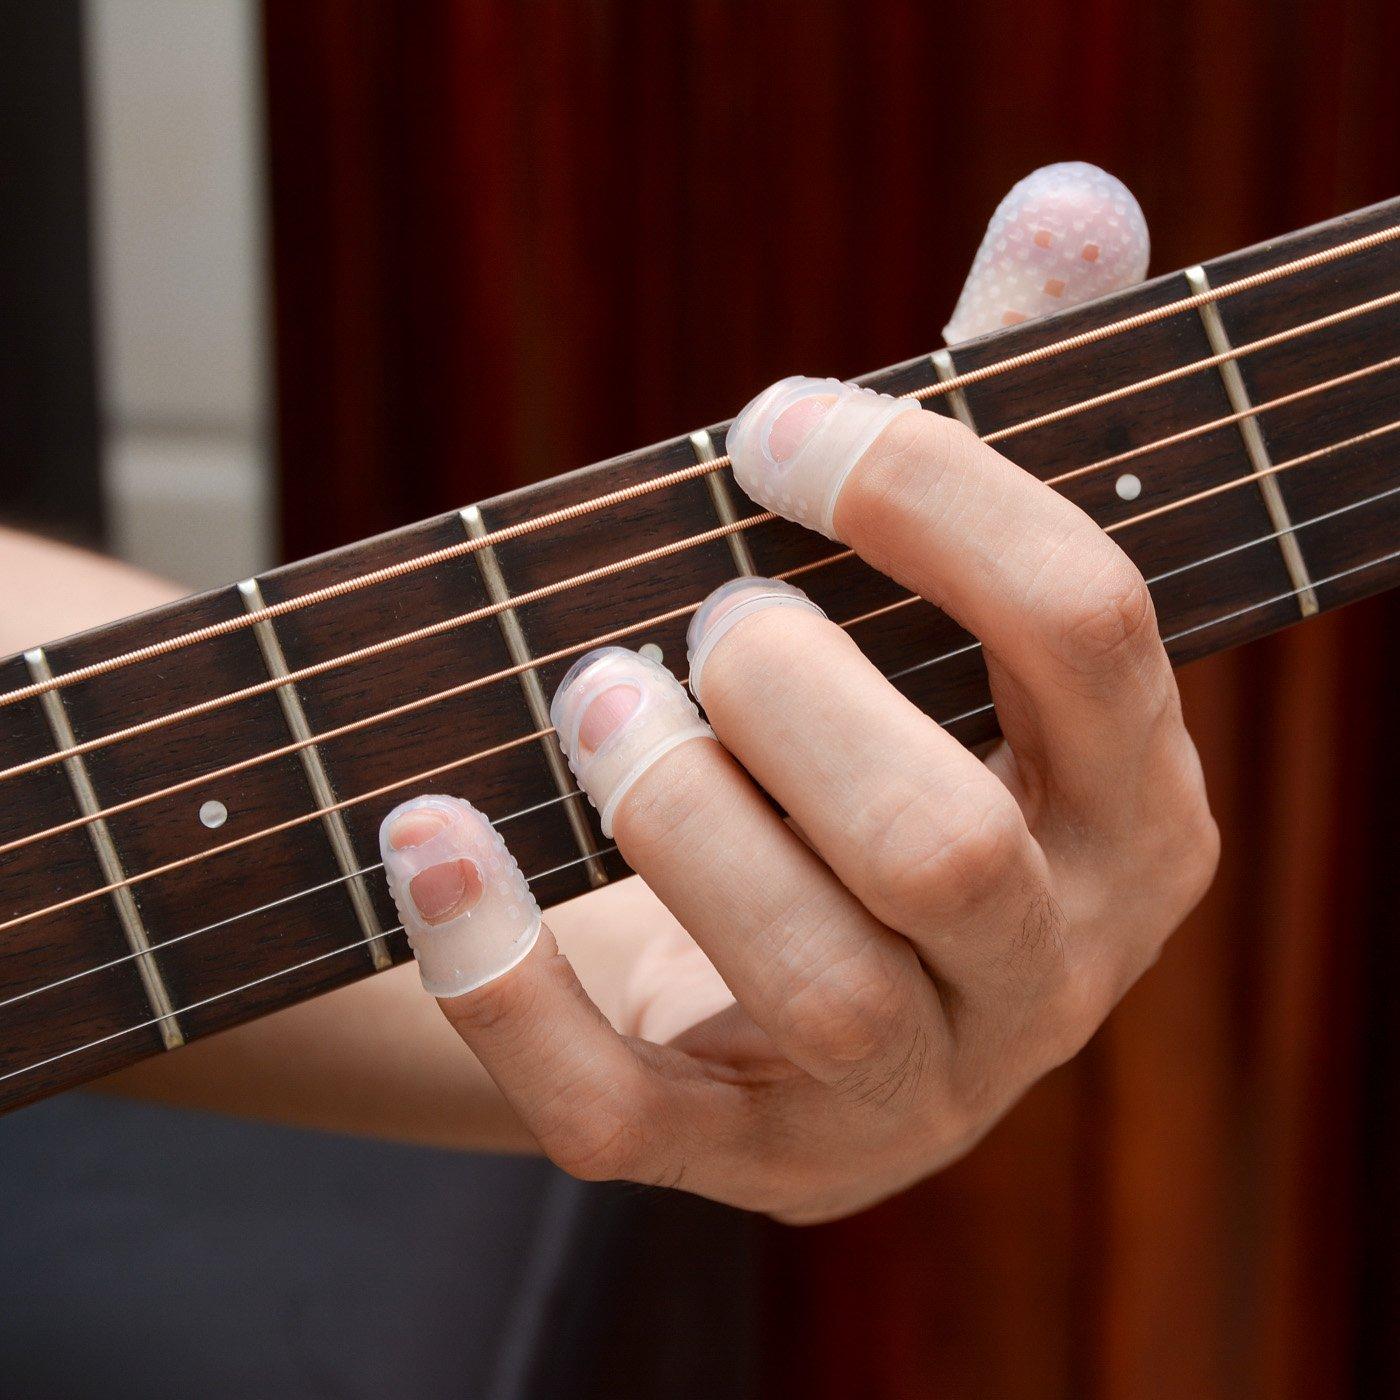 Vancool L / M / S / XS / XXS Claro guitarra protector dedos silicona Para guitarra, Ukulele, Juego de 15 + 4 surtido Plumillas de guitarra: Amazon.es: ...